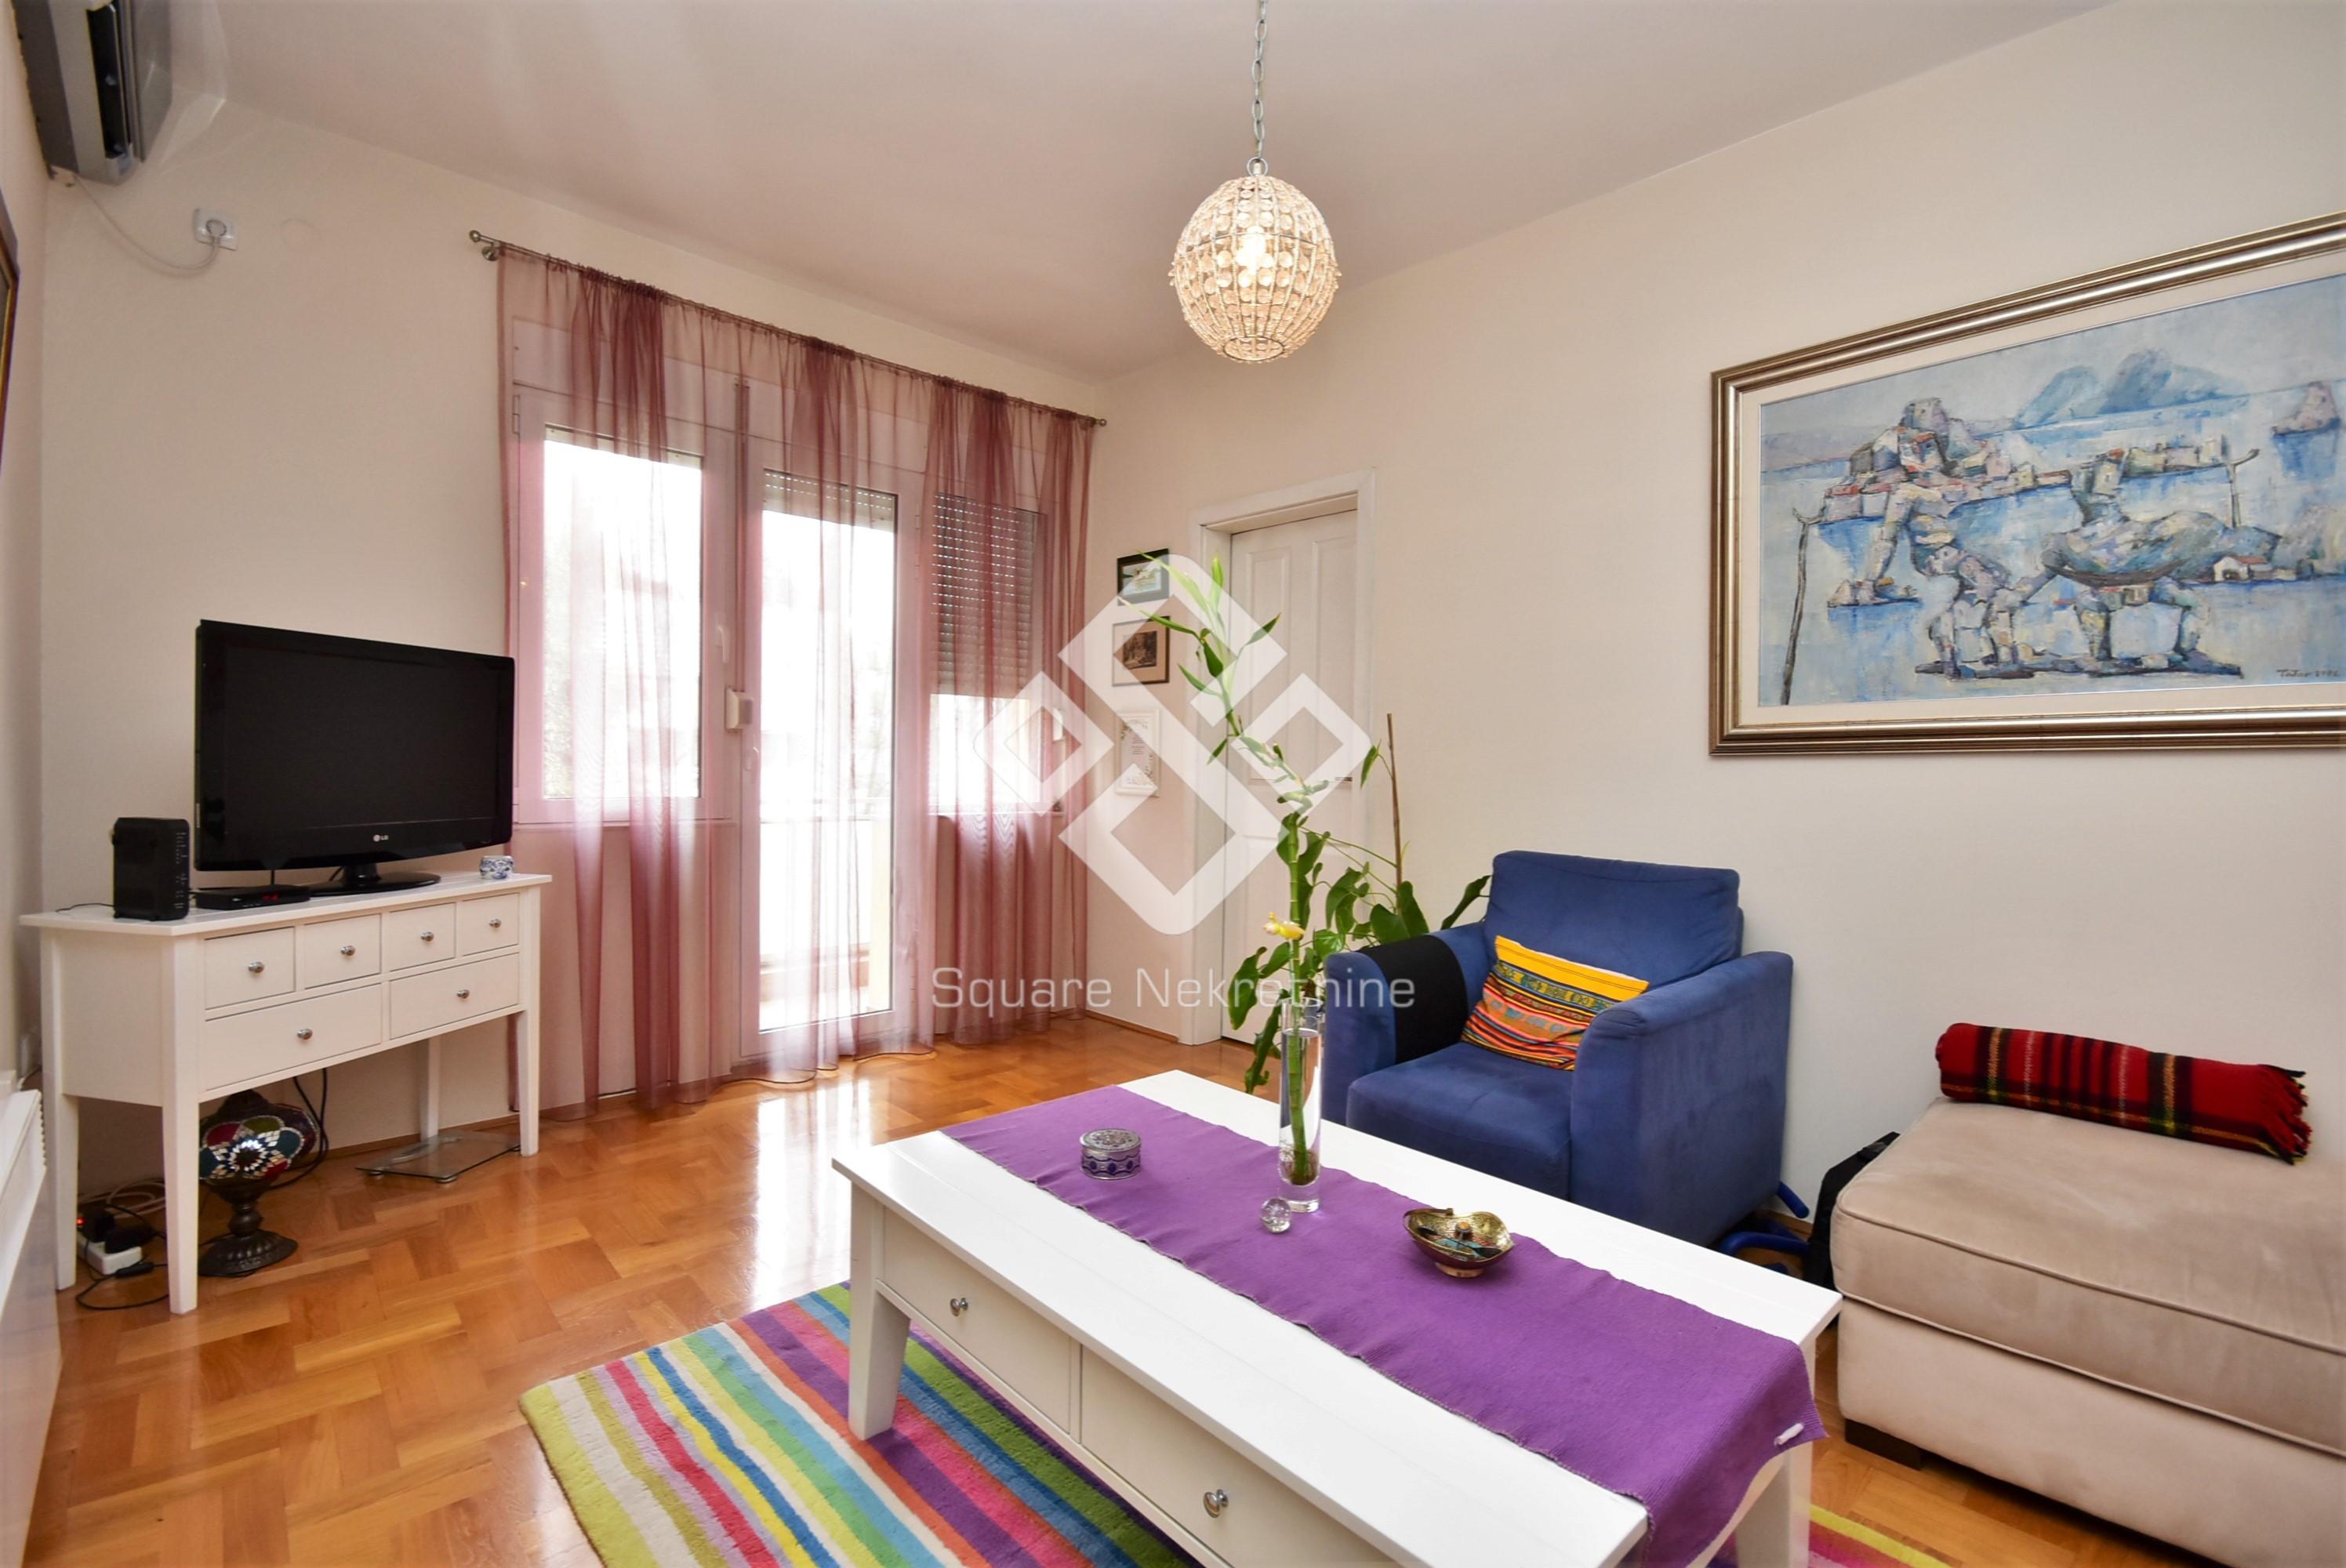 Jednosoban stan 59m2, renoviran, Preko Morace